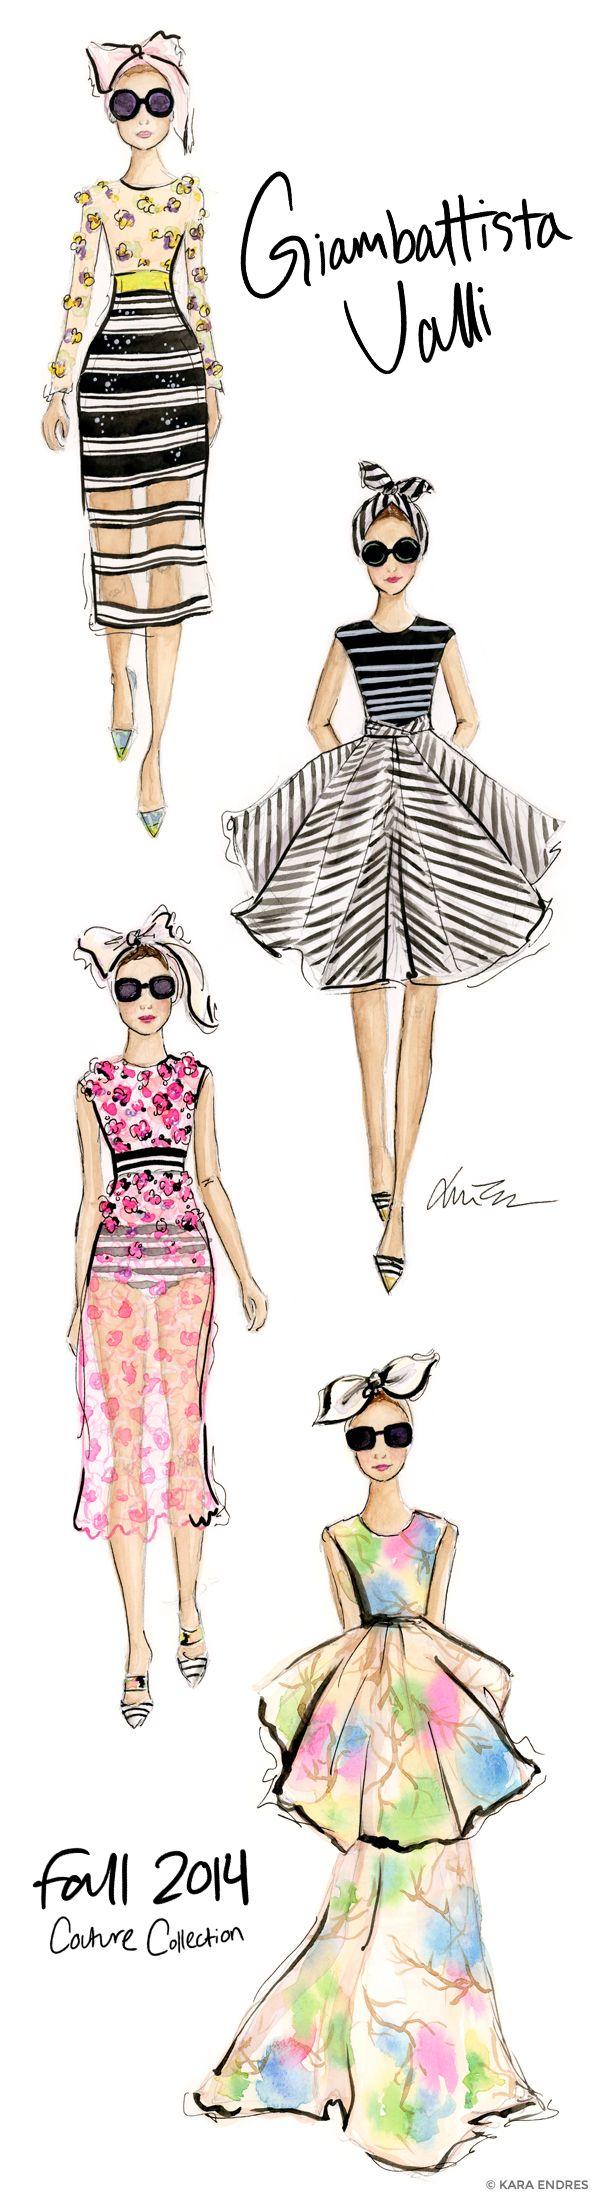 #illustration, runway, art, watercolor, #fashion,#drawing 2014 kara endres